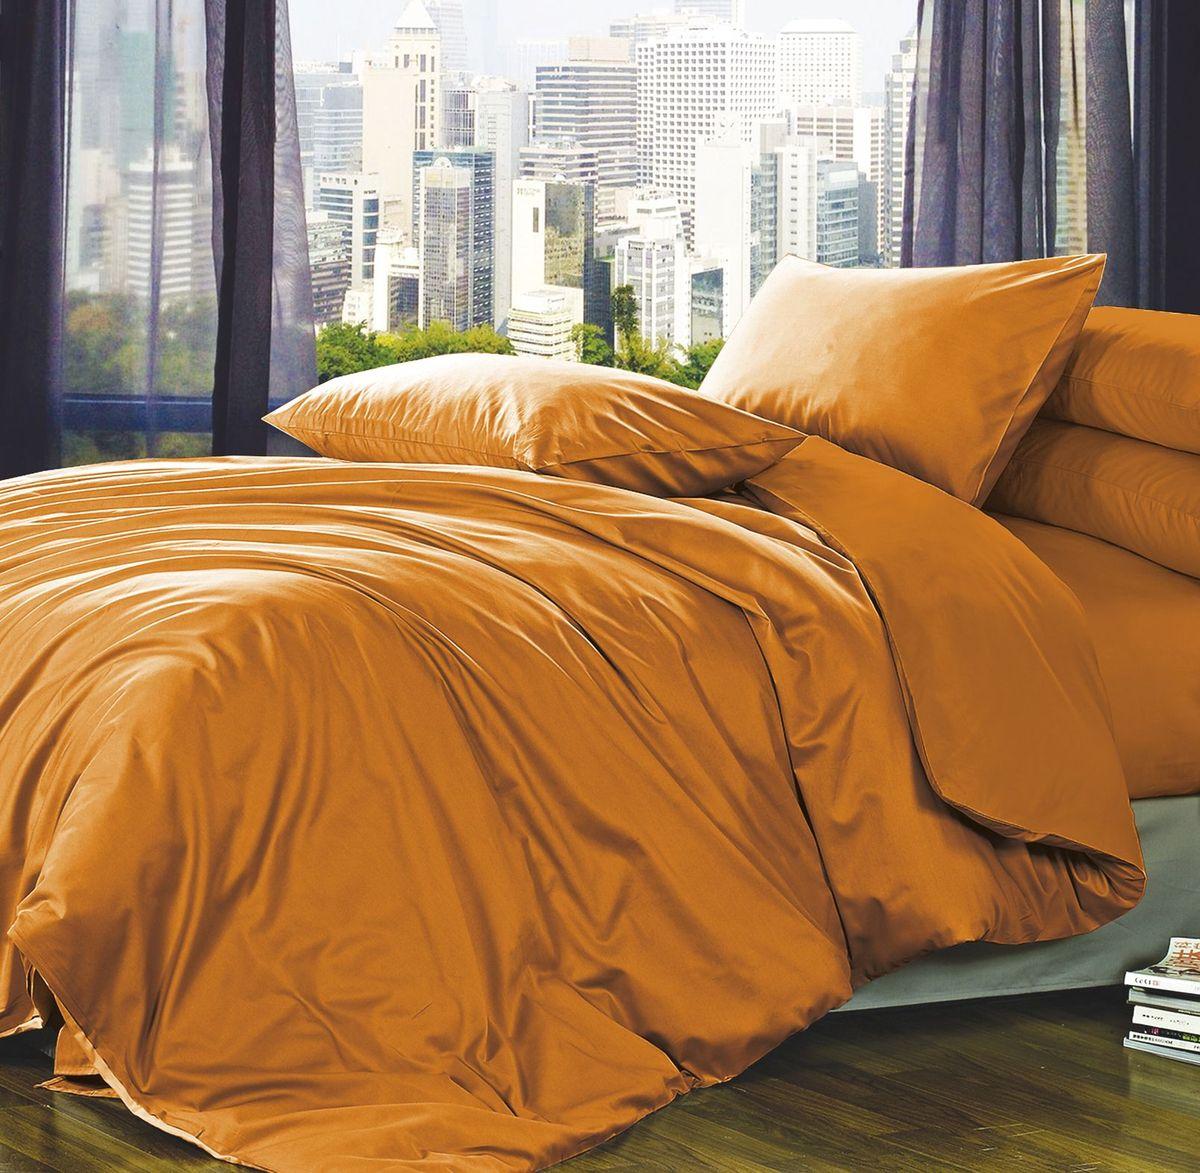 Комплект белья Коллекция Оранжевый, 1,5-спальный, наволочки 70x70. ПС1.5/70/ОЗ/орПС1.5/70/ОЗ/ор